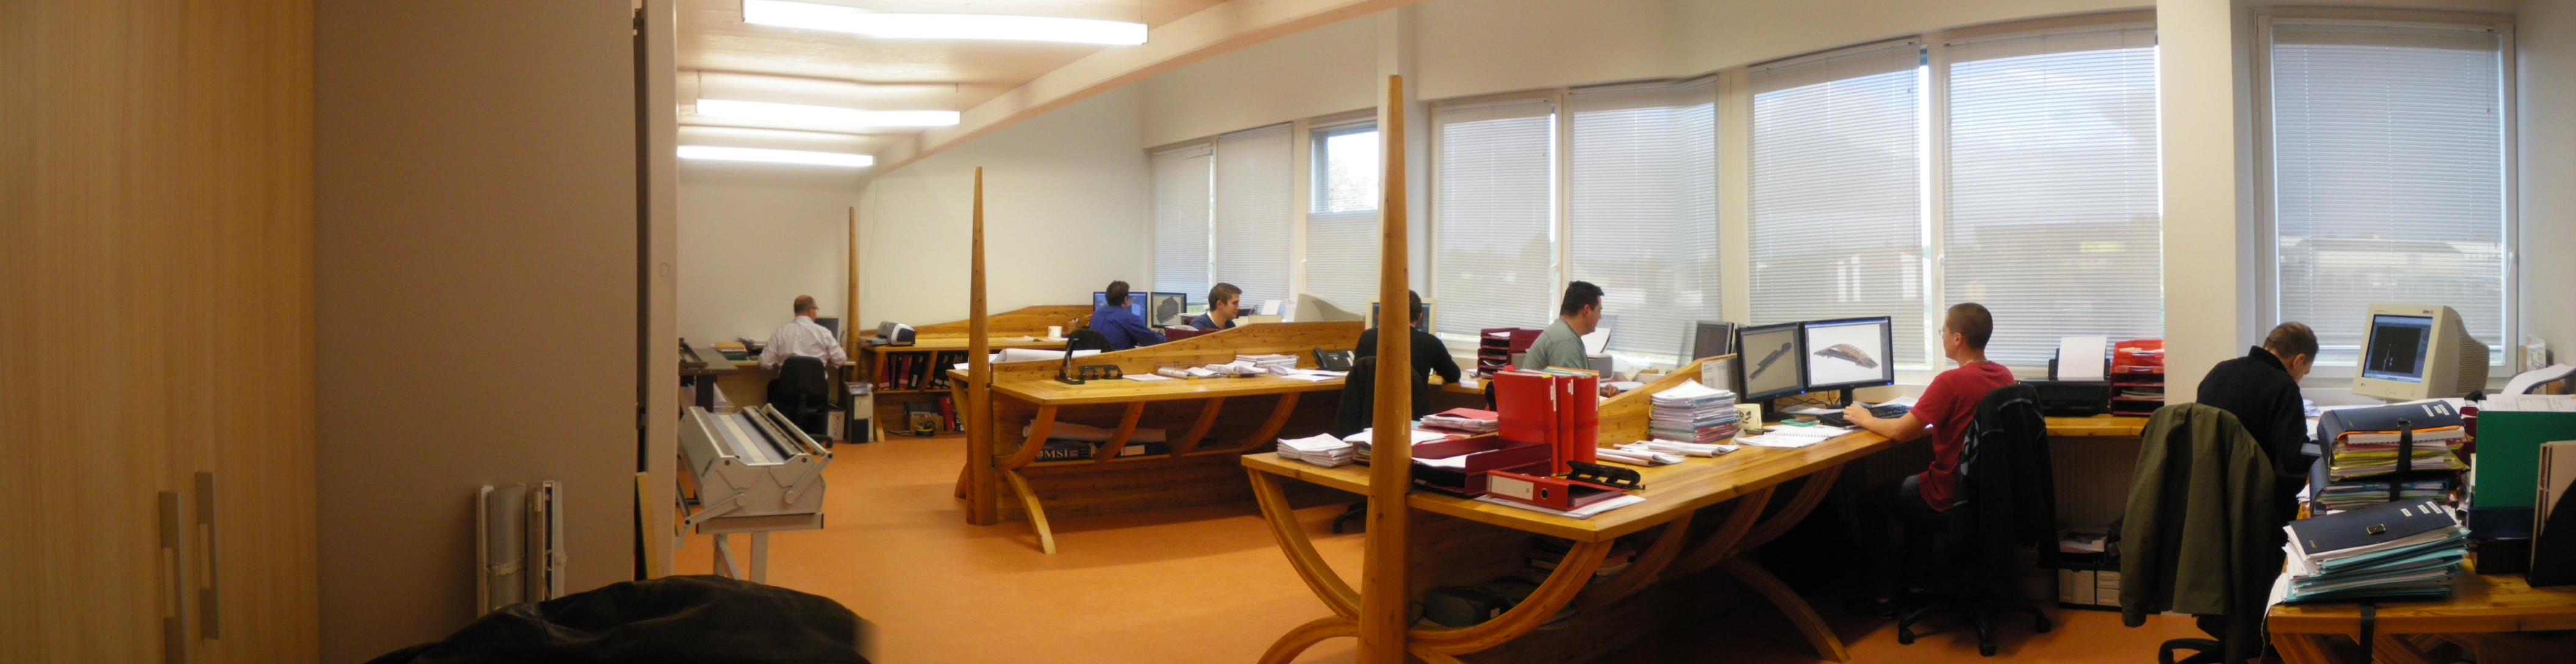 Notre bureau d 39 tudes belliard - Bureau d etude marseille ...